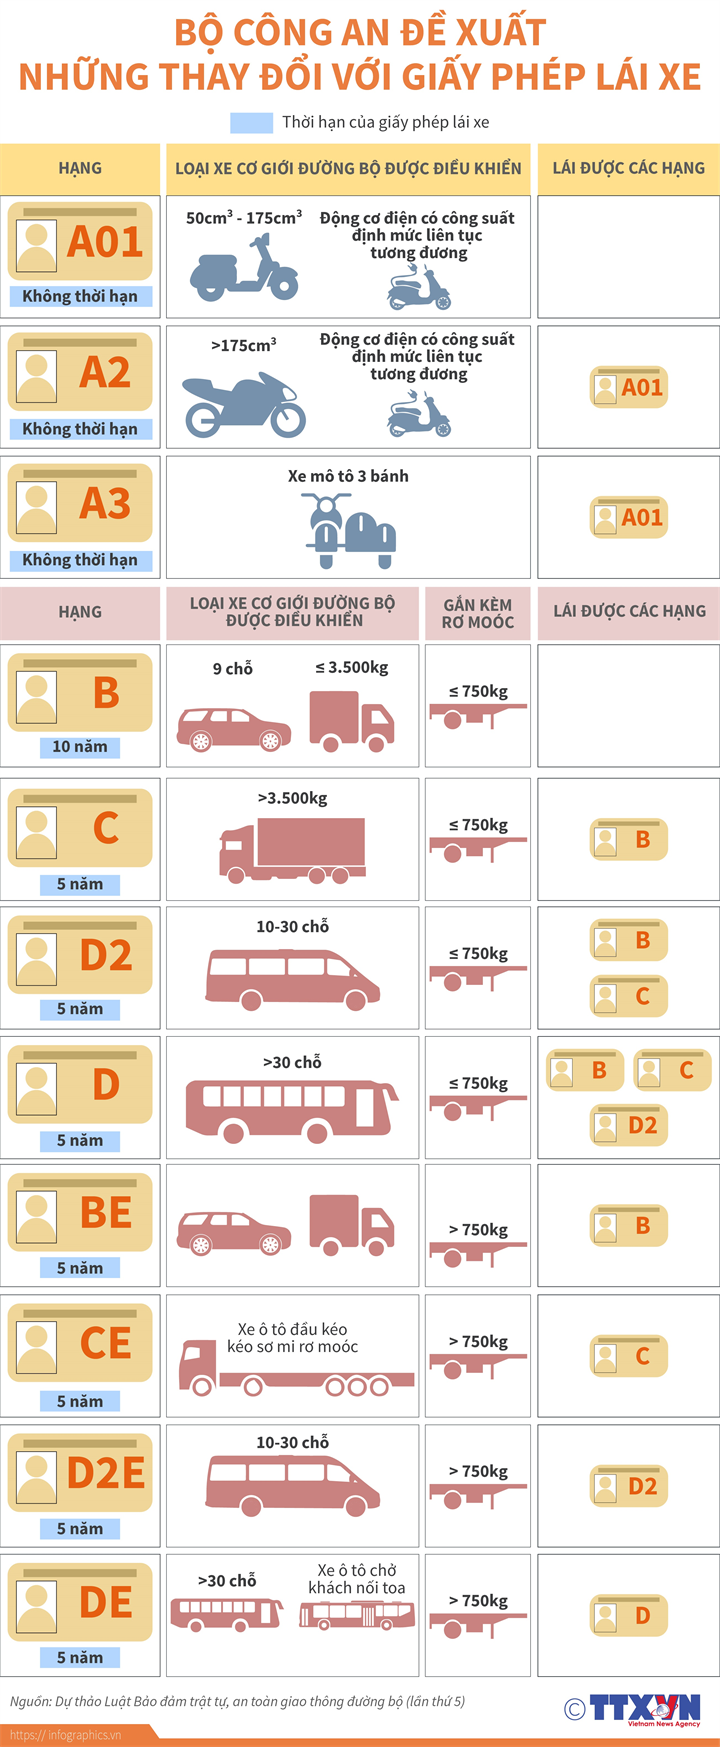 Bộ Công an đề xuất những thay đổi với giấy phép lái xe